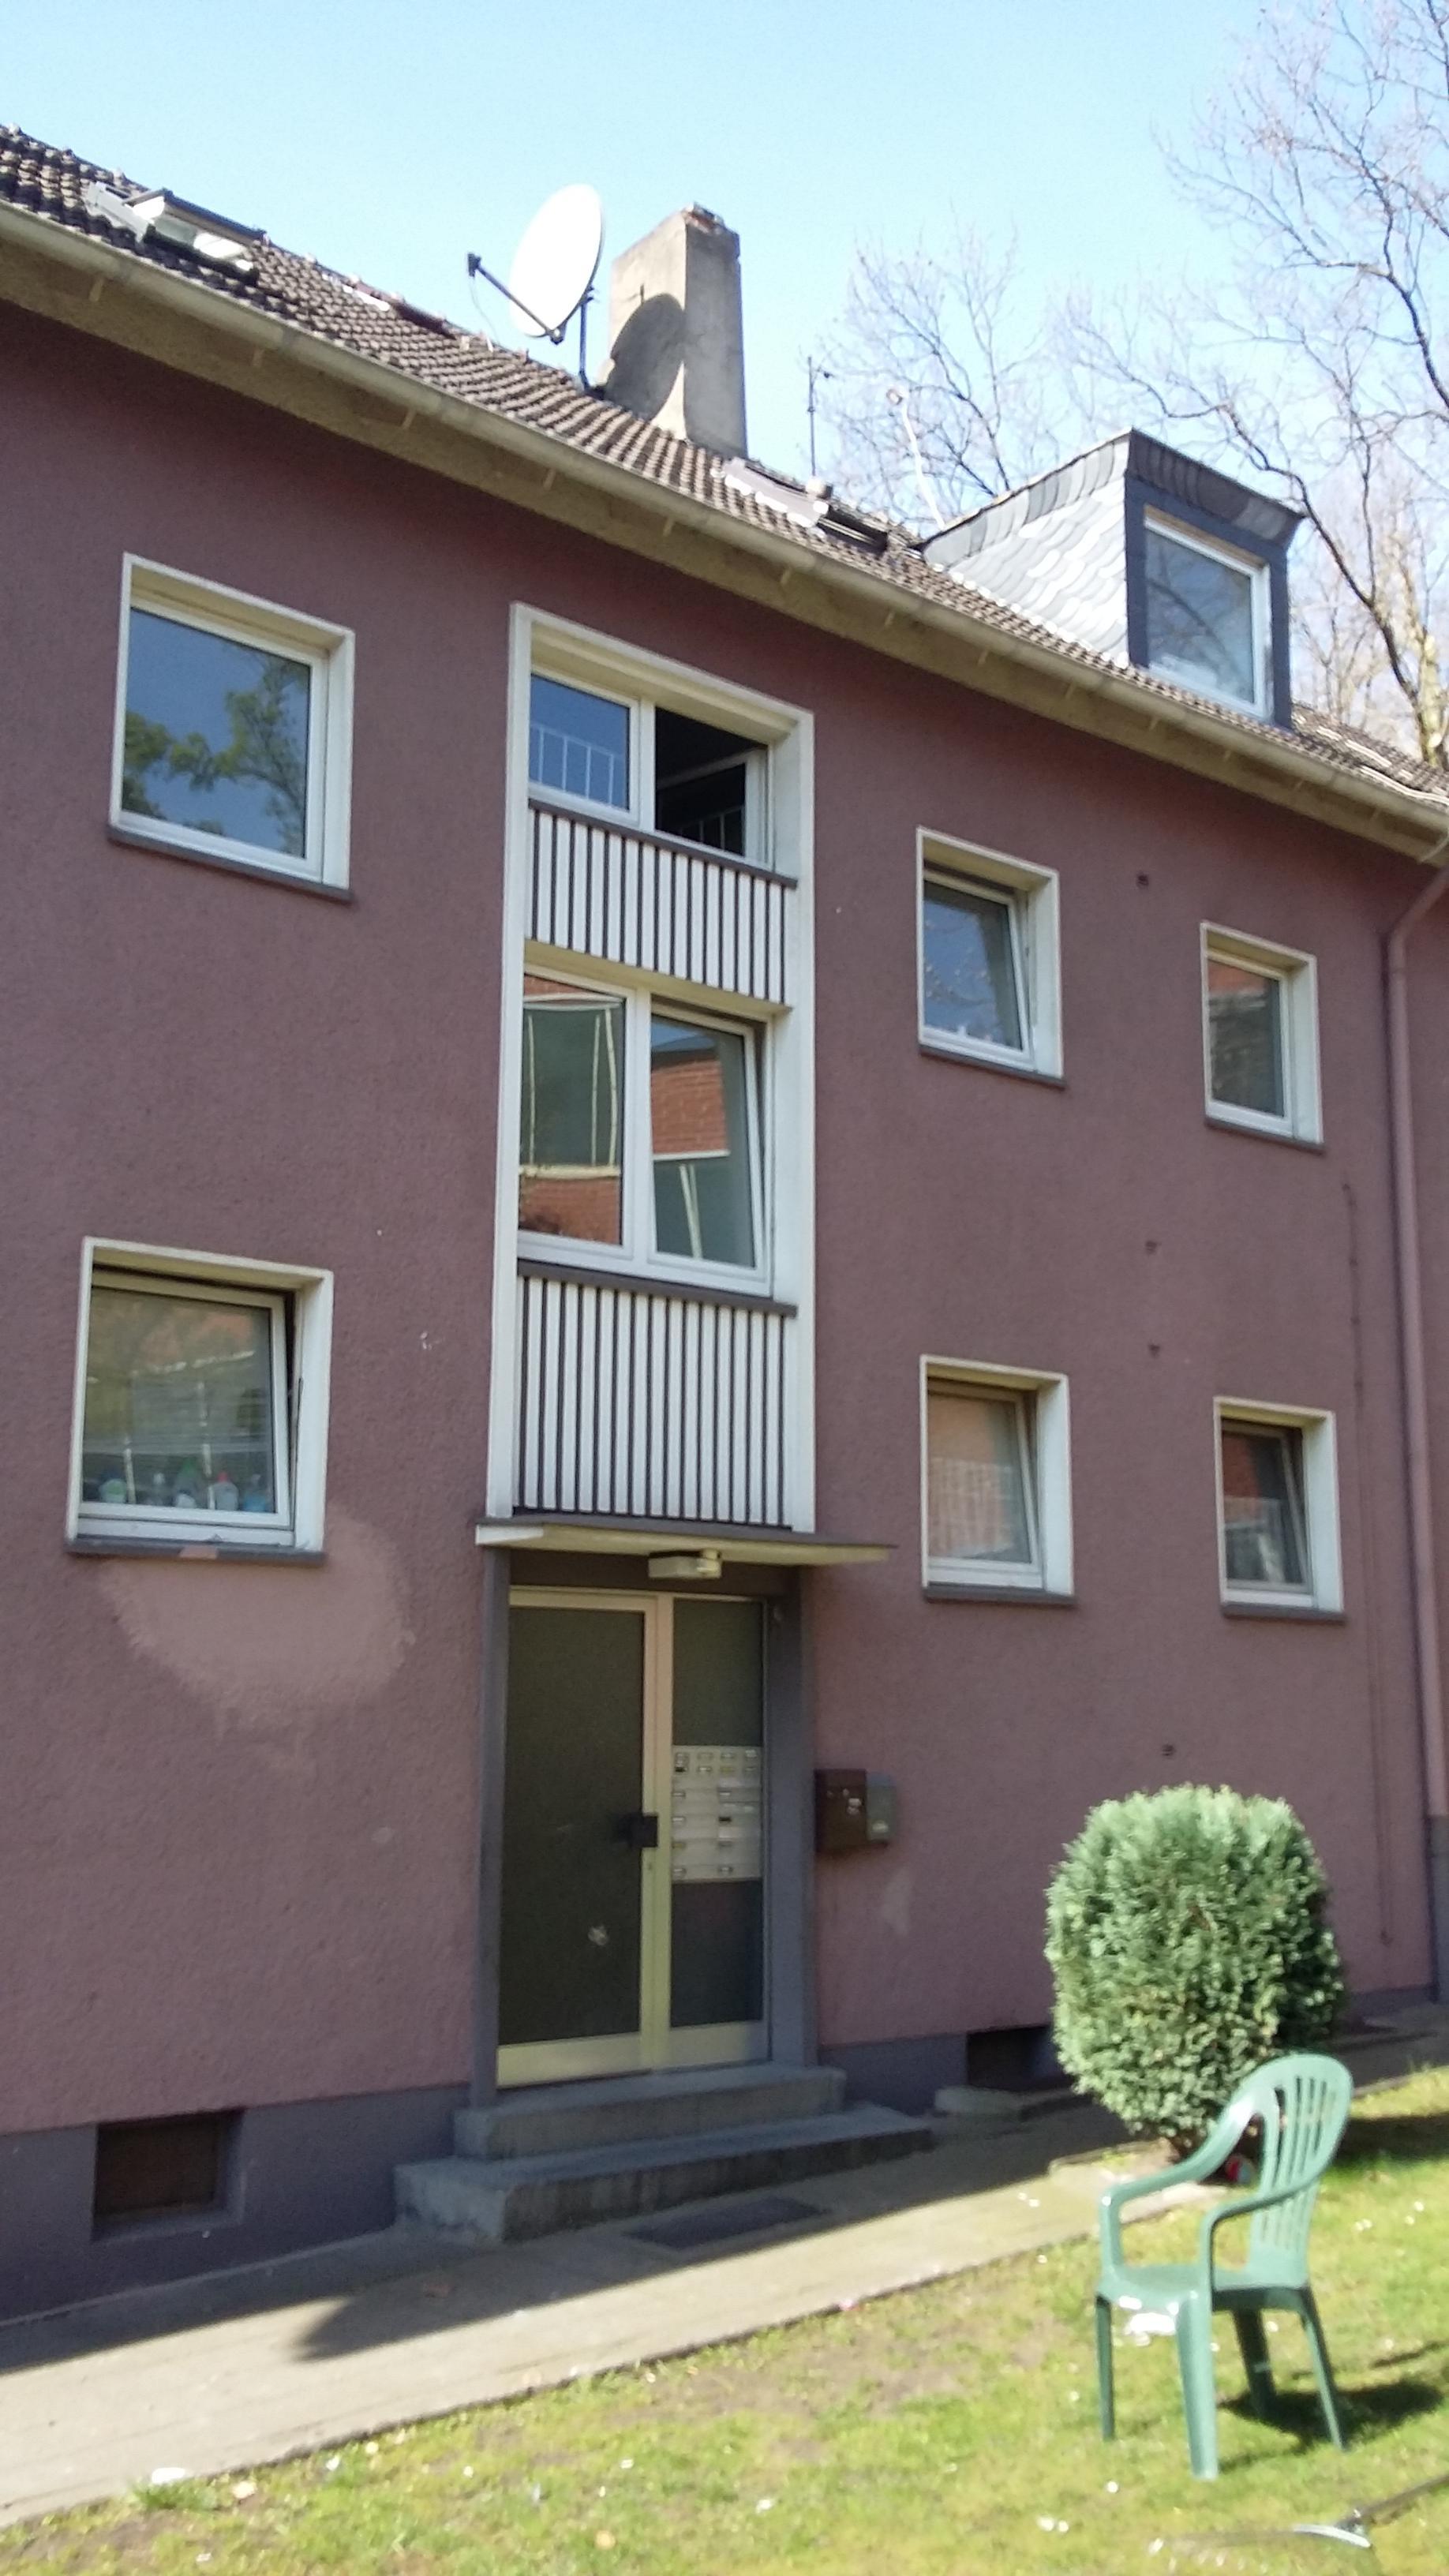 Квартплата в германии дубай марина виев отель 4 звезды